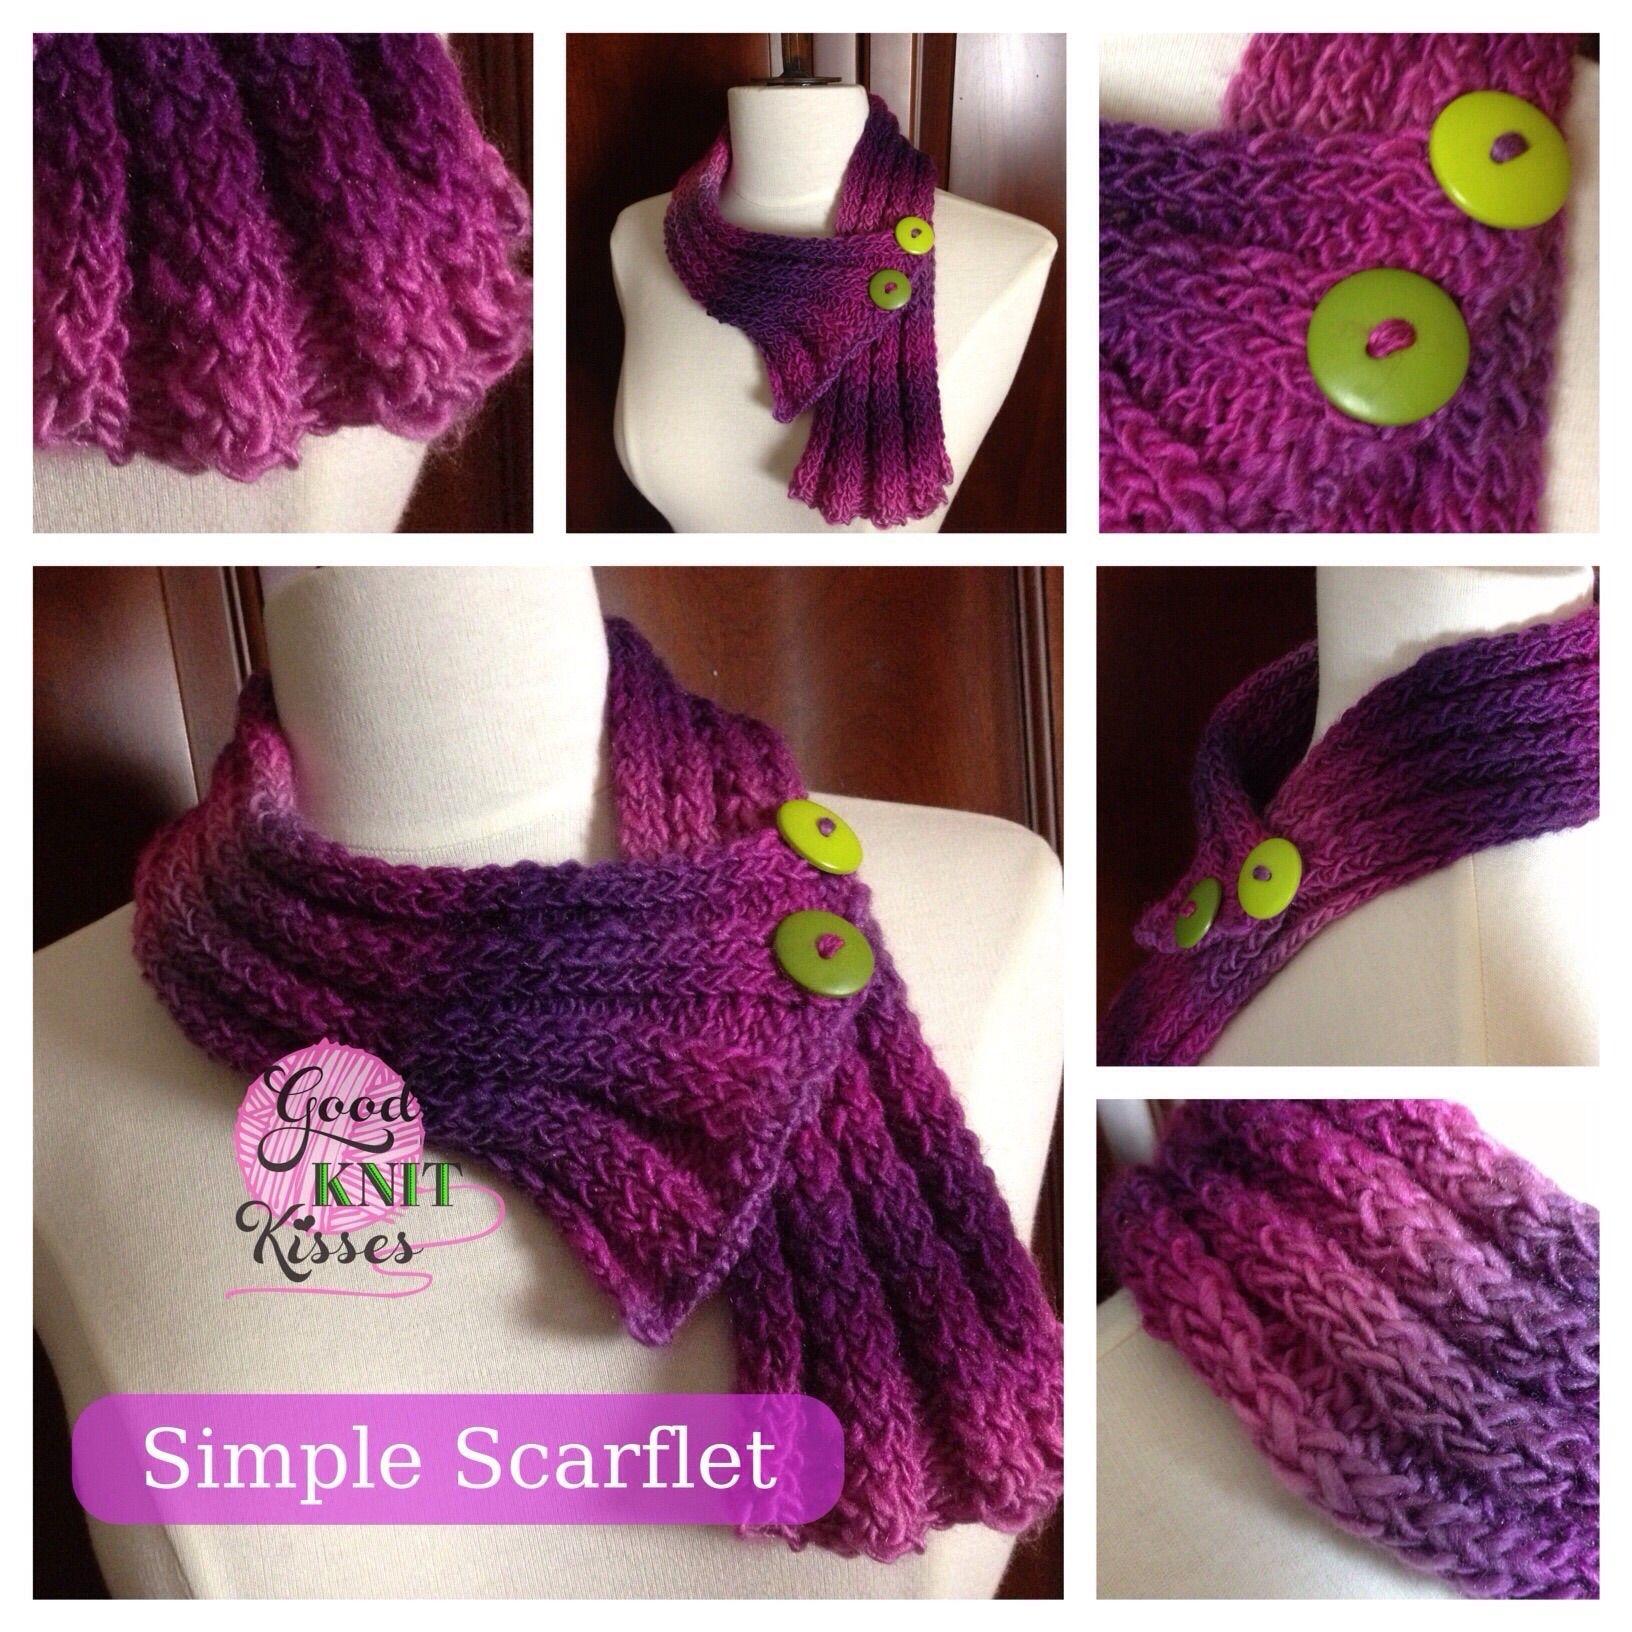 Simple Scarflet Neck Warmer pattern by Kristen Mangus | Tejido ...